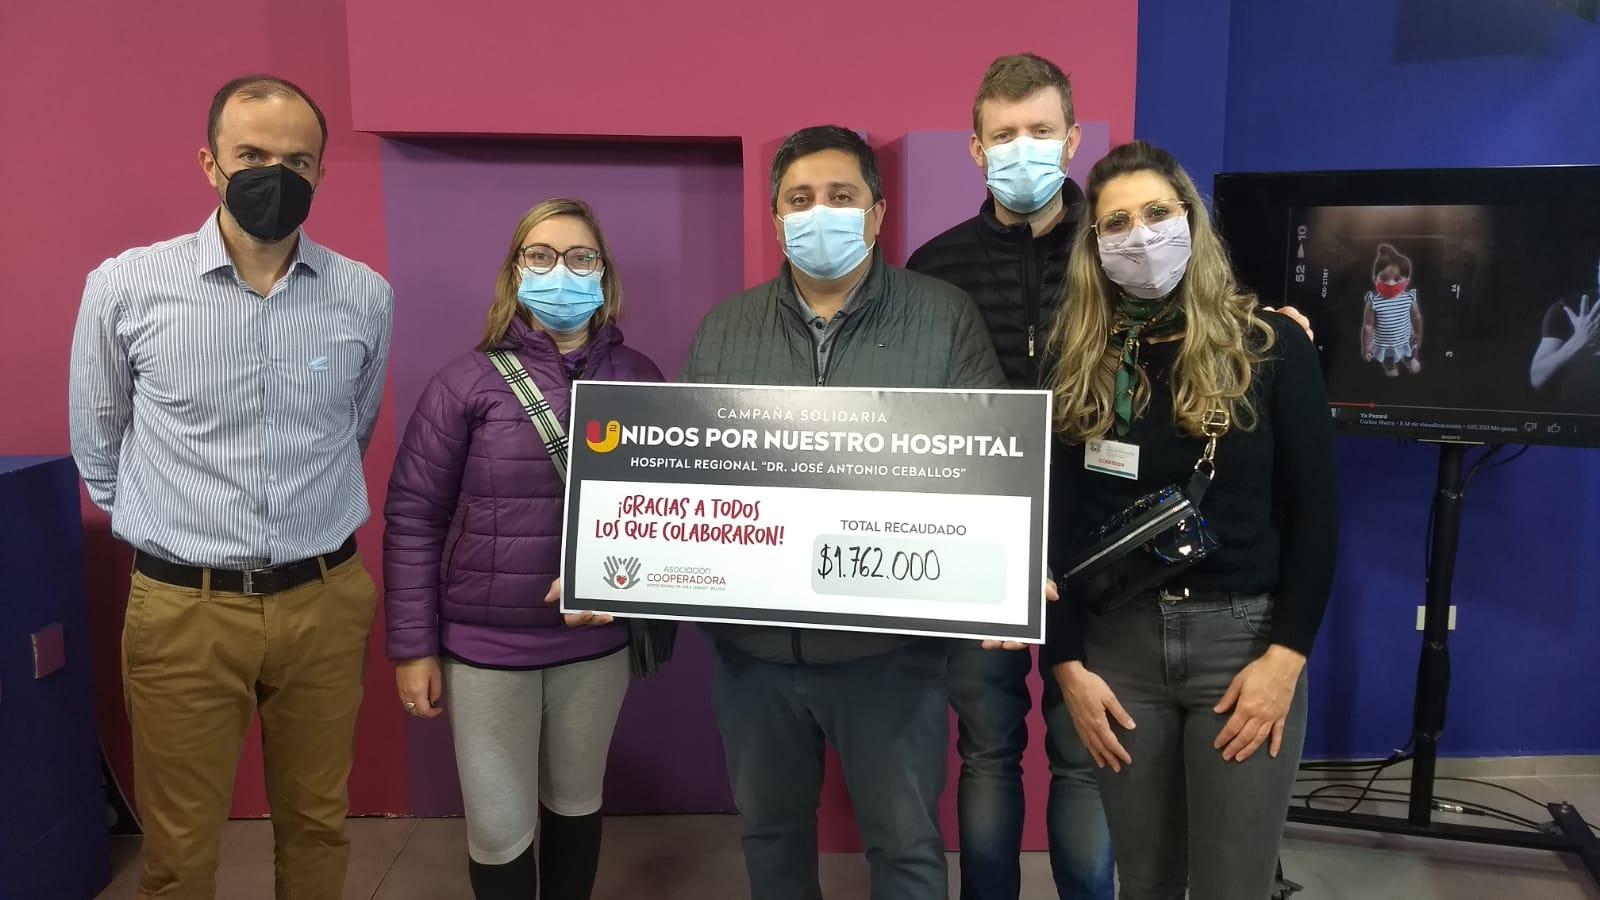 La comunidad de Bell Ville acudió masivamente en apoyo al llamado solidario para el Hospital Regional.